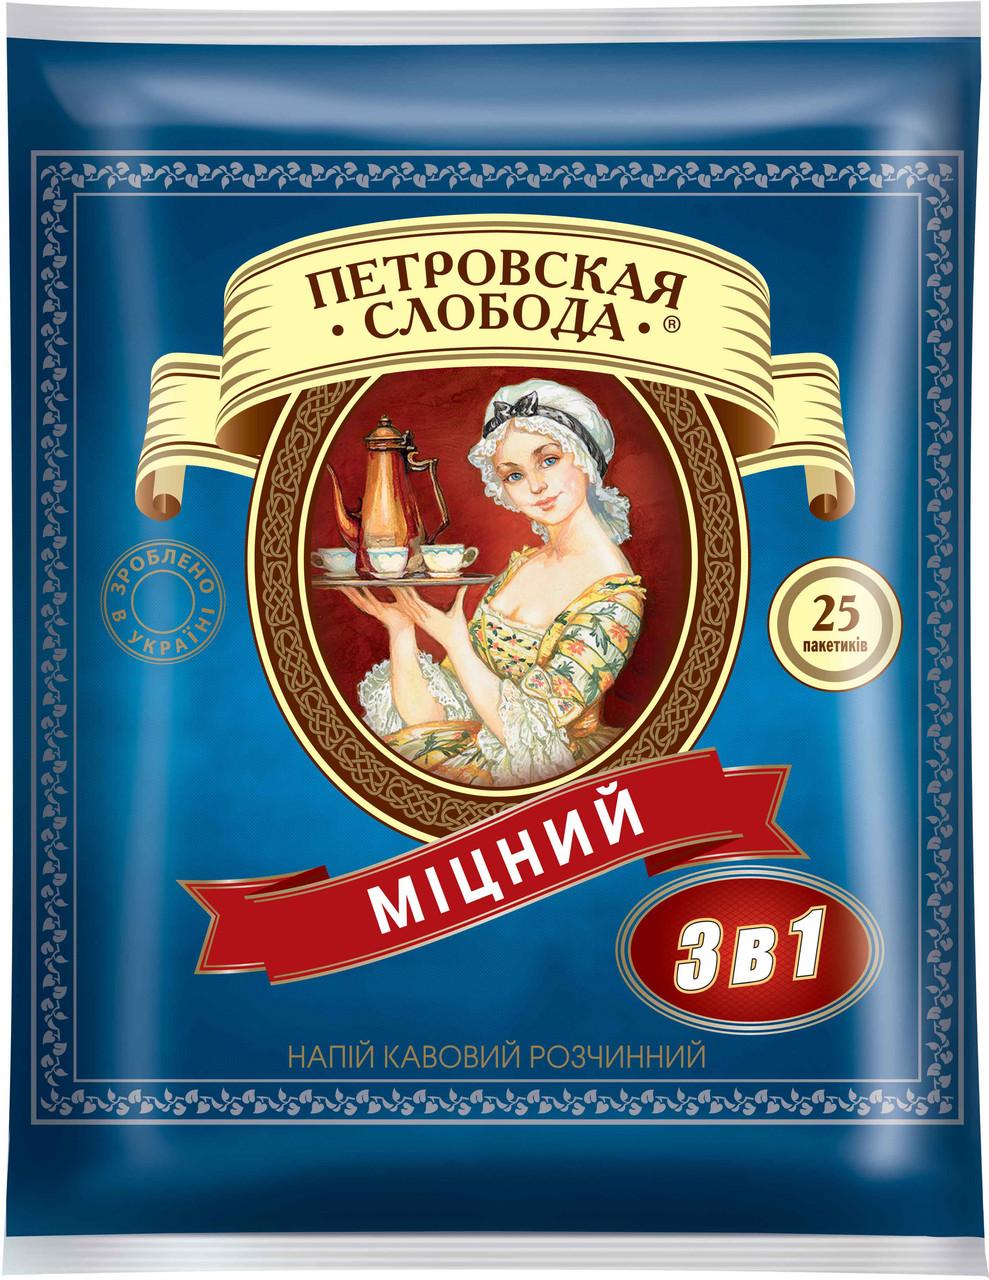 Кофейный напиток ПЕТРОВСКАЯ СЛОБОДА 3в1 Крепкий 25 х 20 г